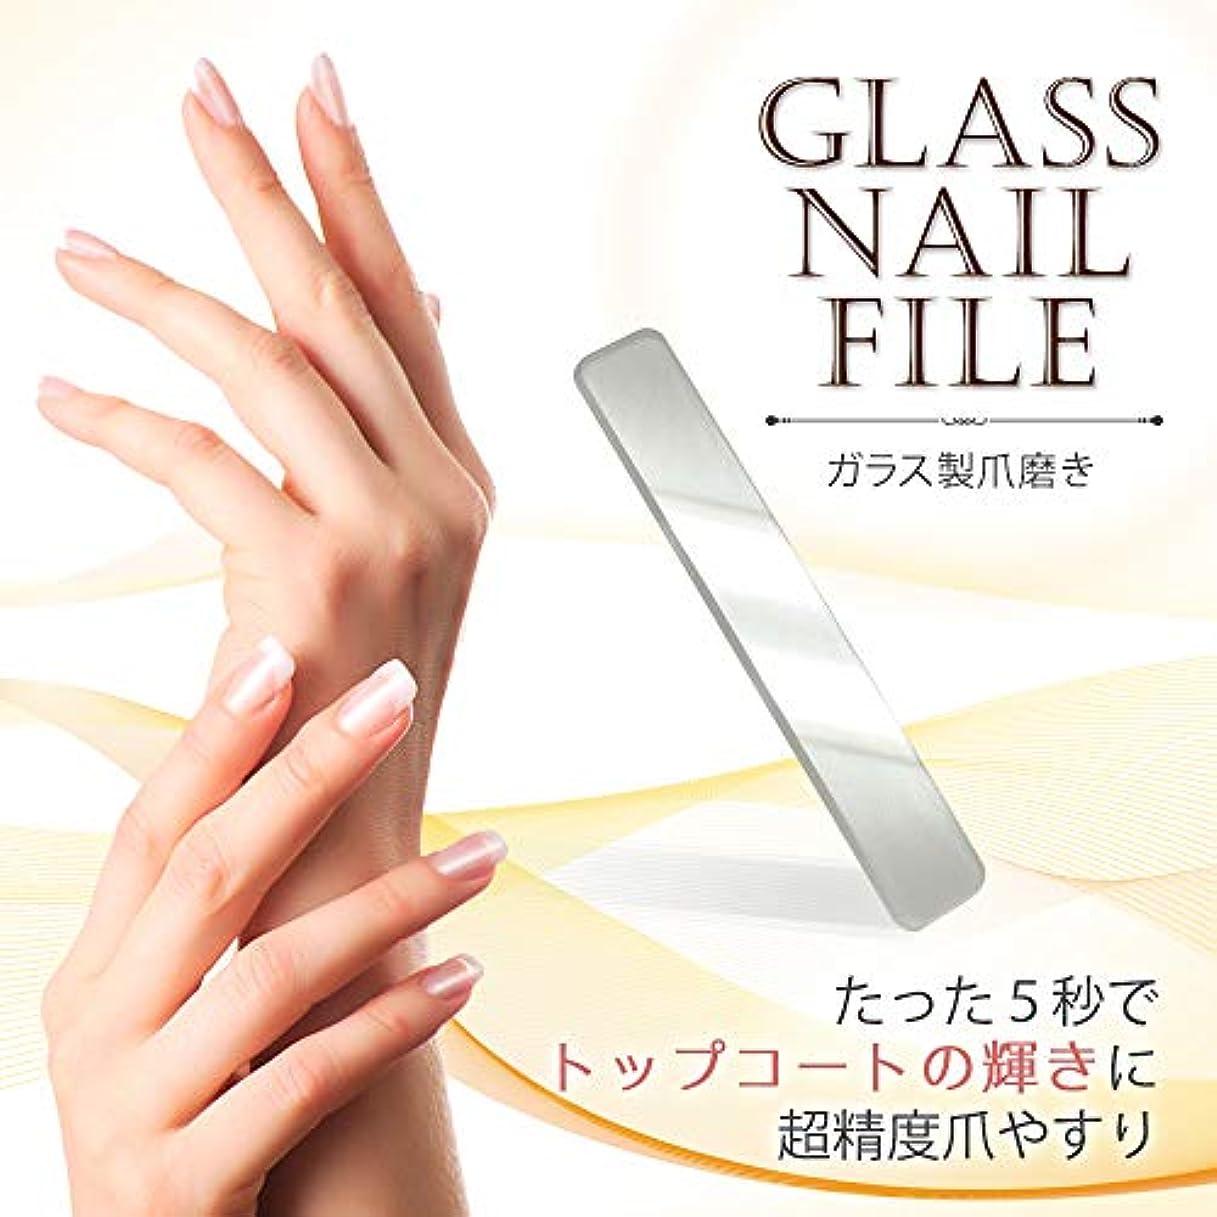 指定する造船毛布5秒で実感 Glass Nail File (ガラス製 爪やすり 爪みがき つめみがき 爪磨き ネイルファイル ネイルシャイナー グラスシャイナー バッファー ネイルケア 爪ケア)